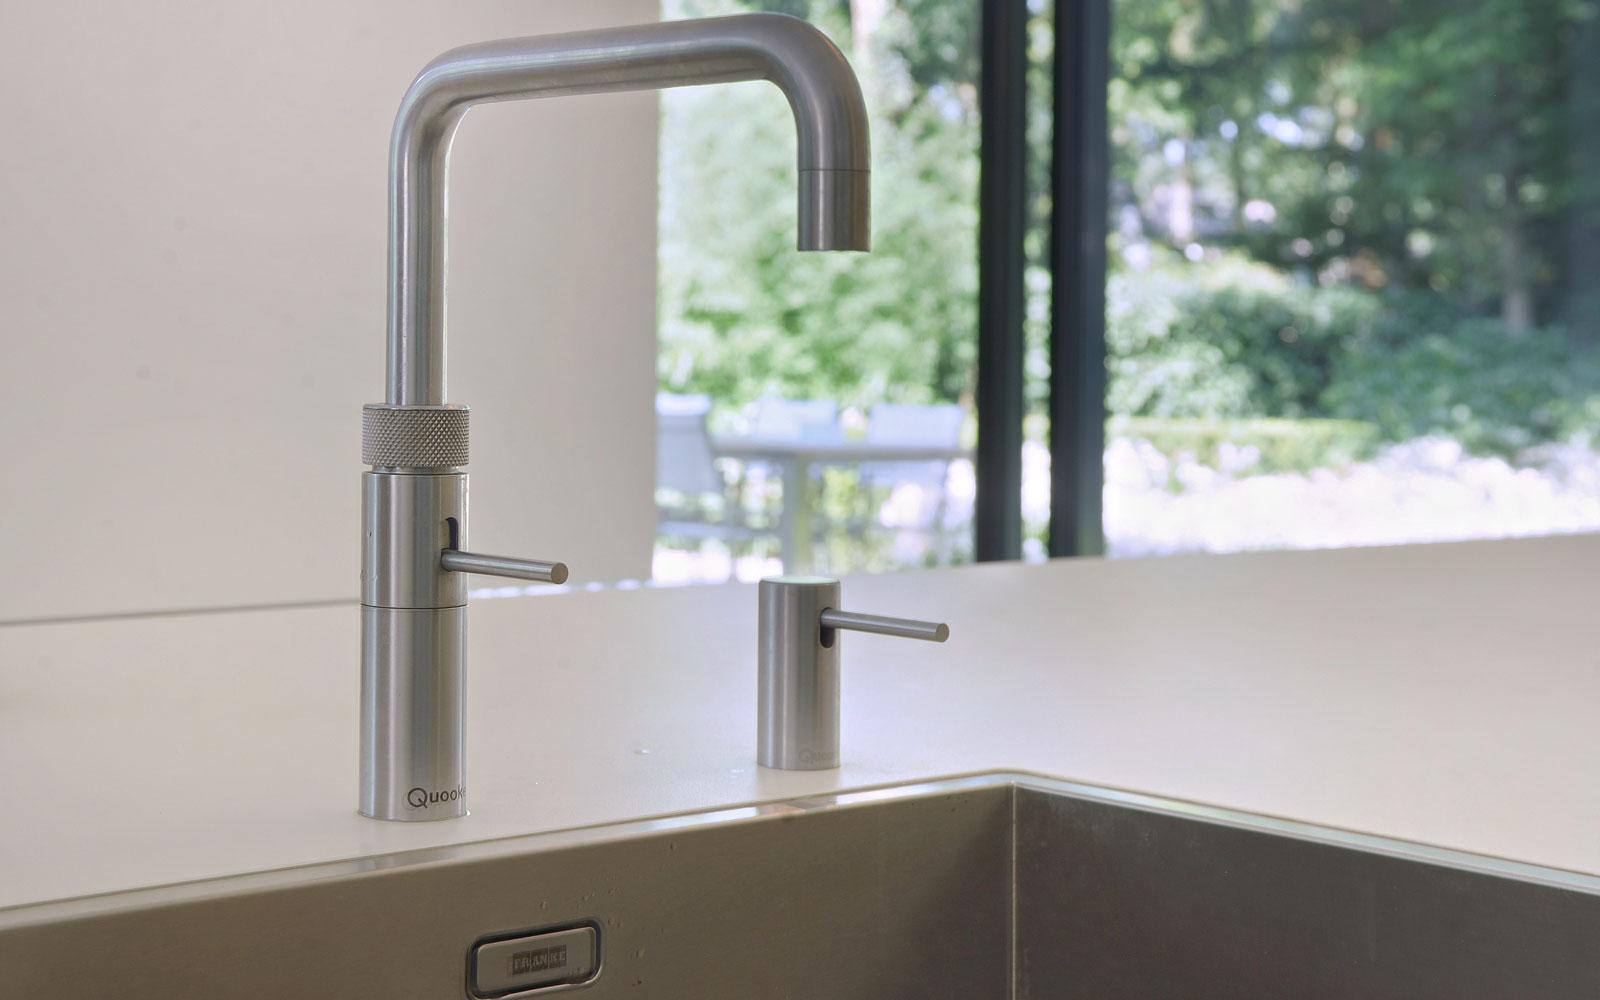 Keuken, Quooker, heetwaterkraan